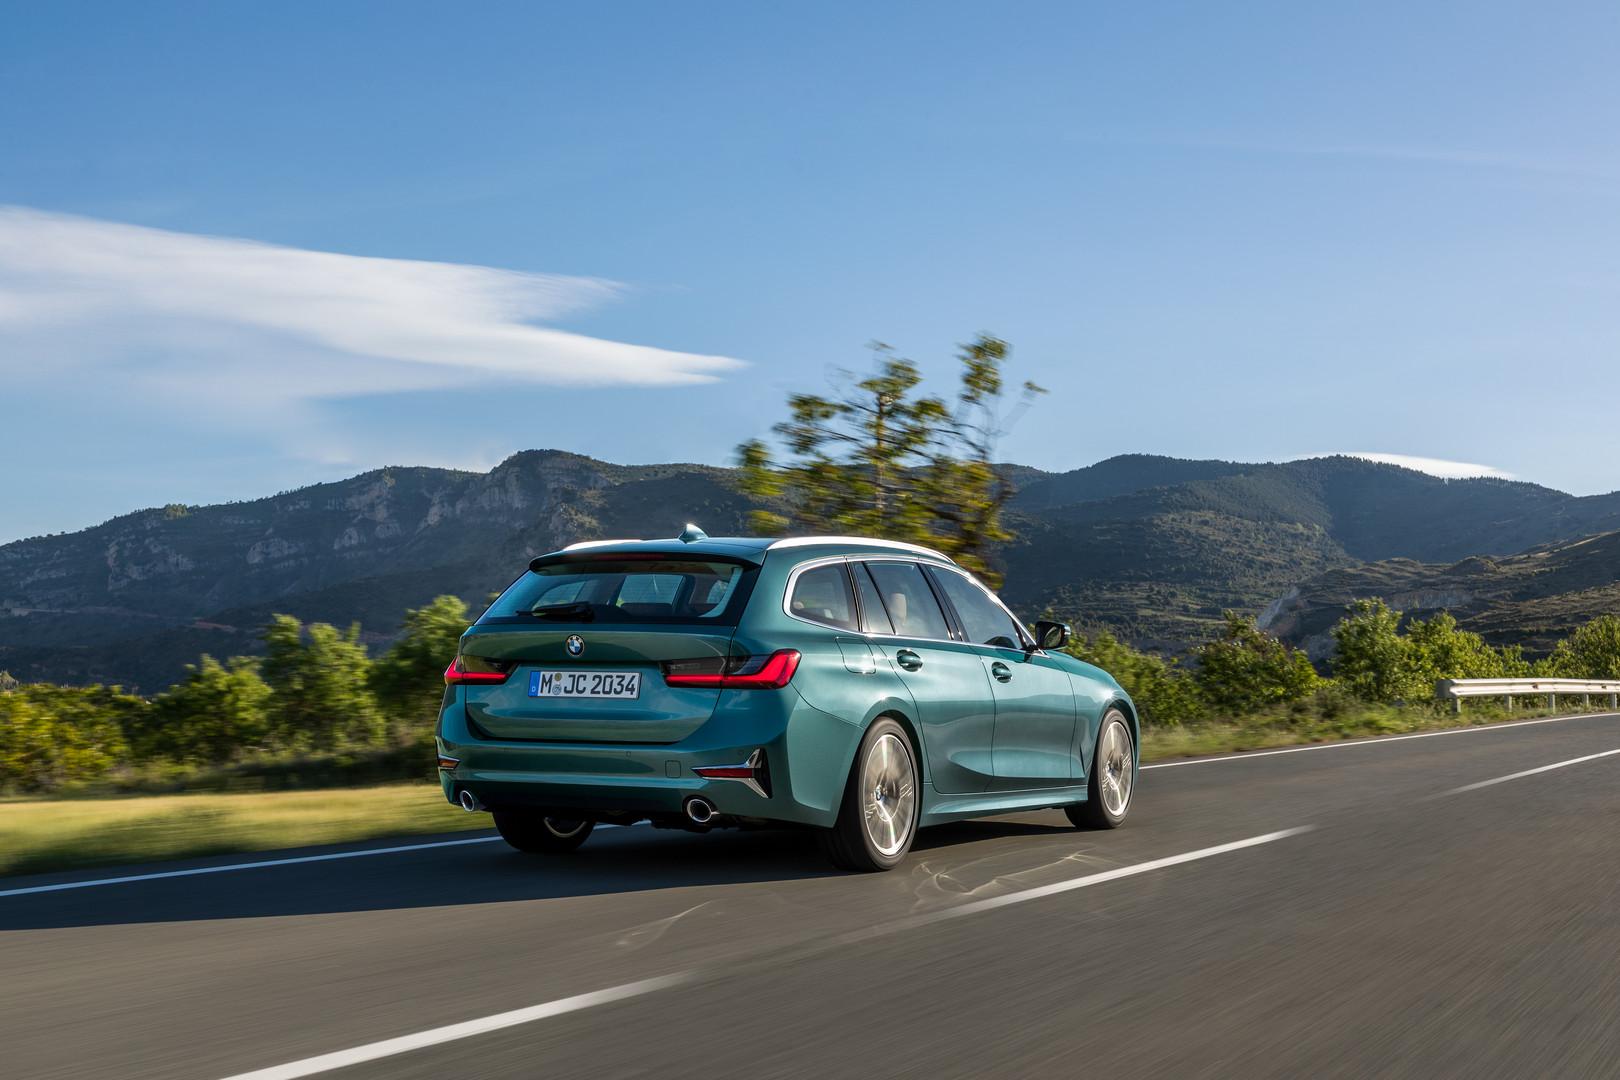 Blue Ridge Mountain BMW 3 Series Touring